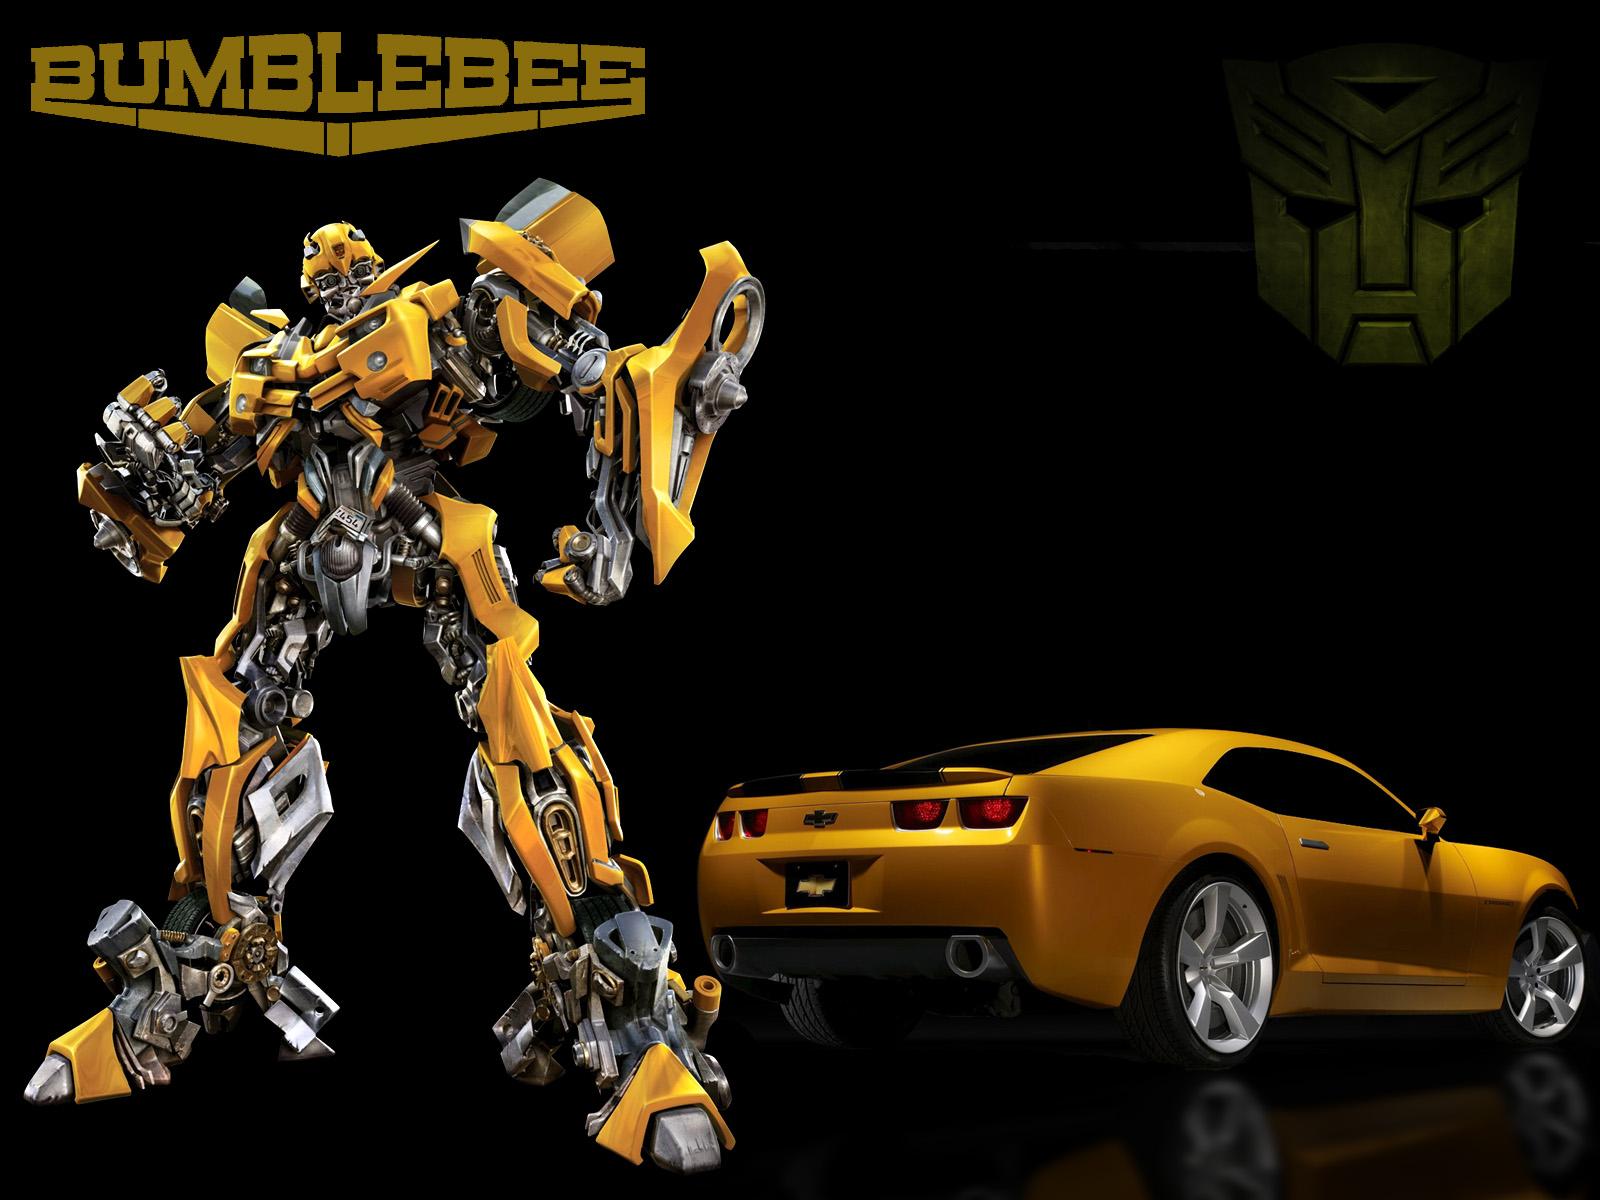 http://2.bp.blogspot.com/-ihhstd4Eswg/TbGido_efxI/AAAAAAAAAJE/lF4BEUOZ6ls/s1600/Transformers-transformers-627087_1600_1200.jpg